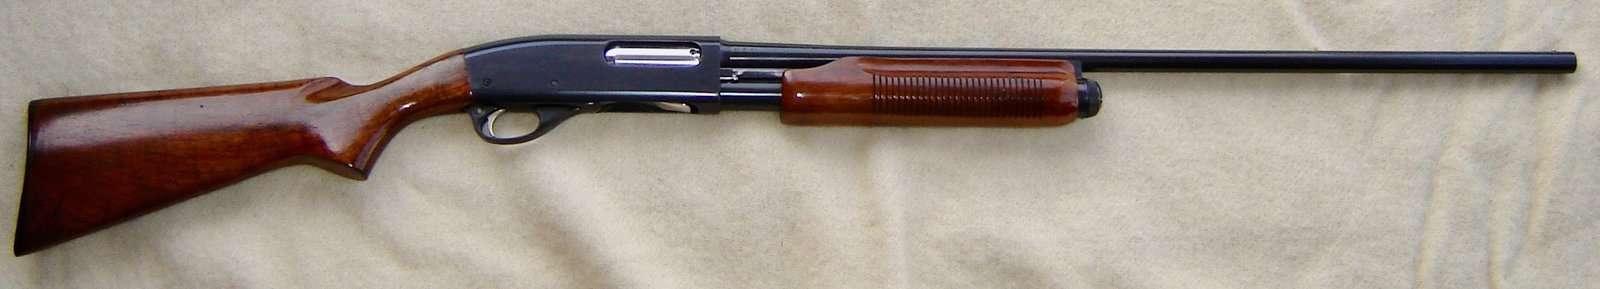 DSC06606.